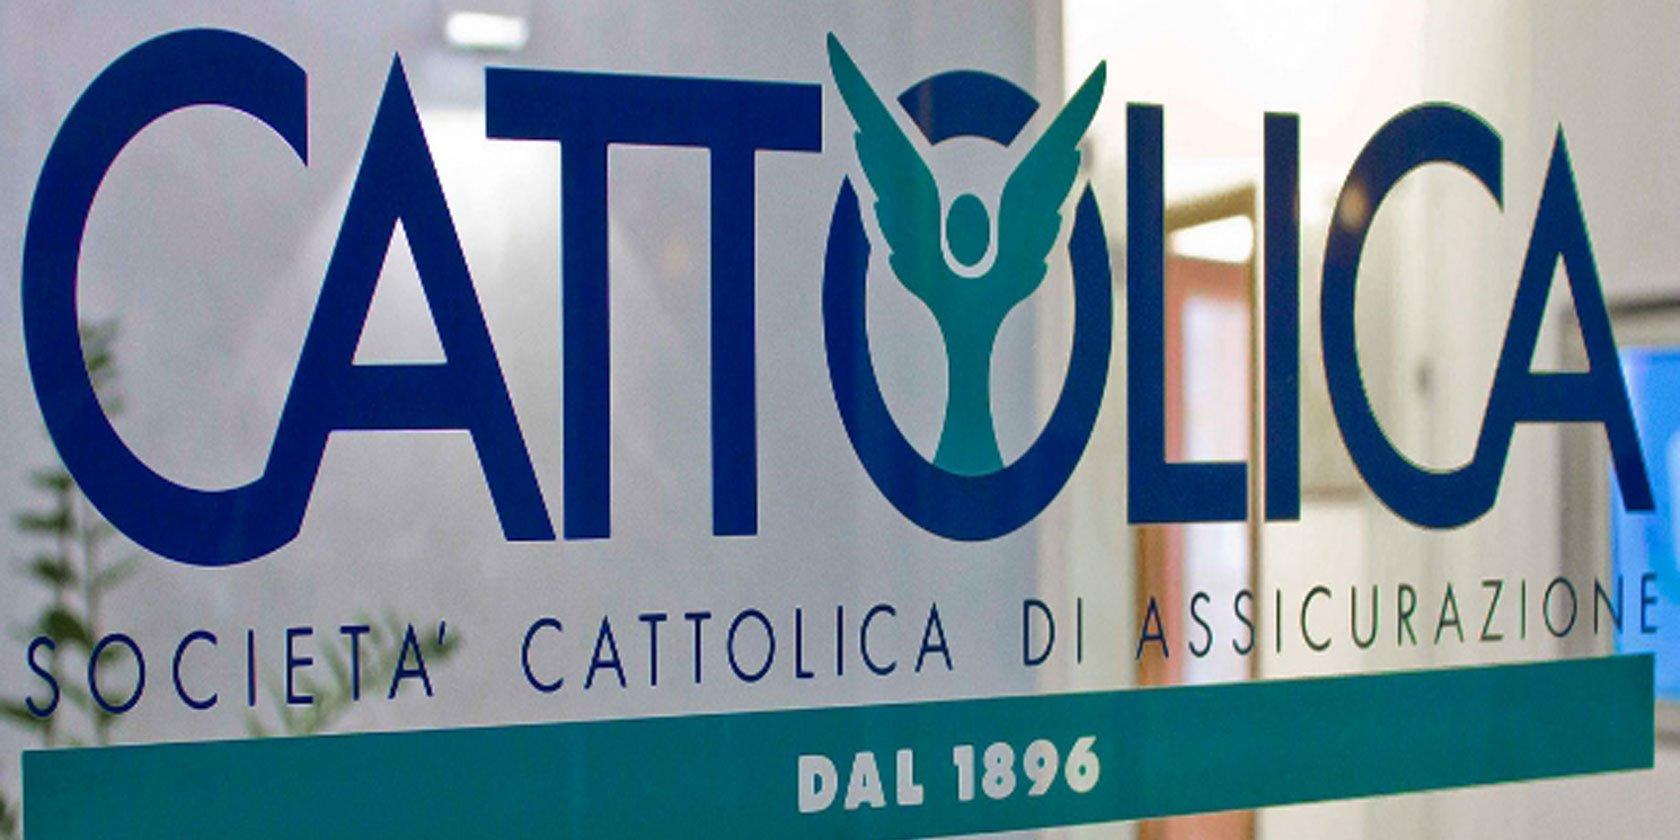 Generali Cattolica